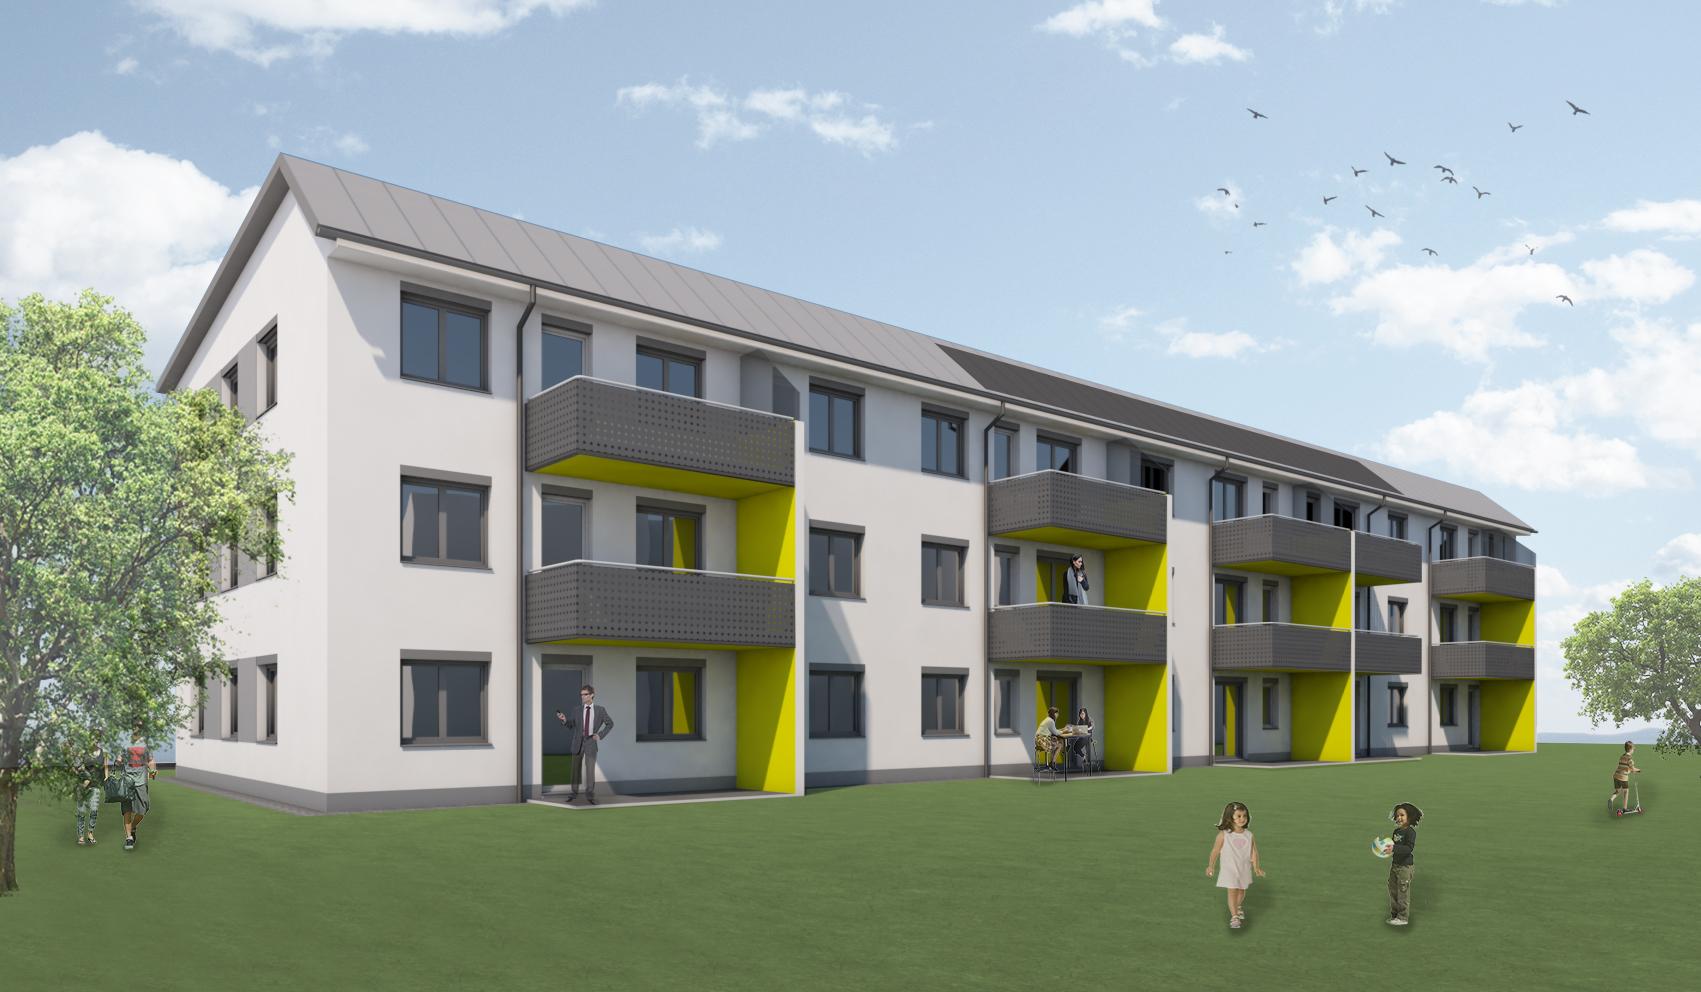 Immobilie von Kamptal in 3542 Gföhl, Krems(Land), Gföhl V/3 - Top 514 #1